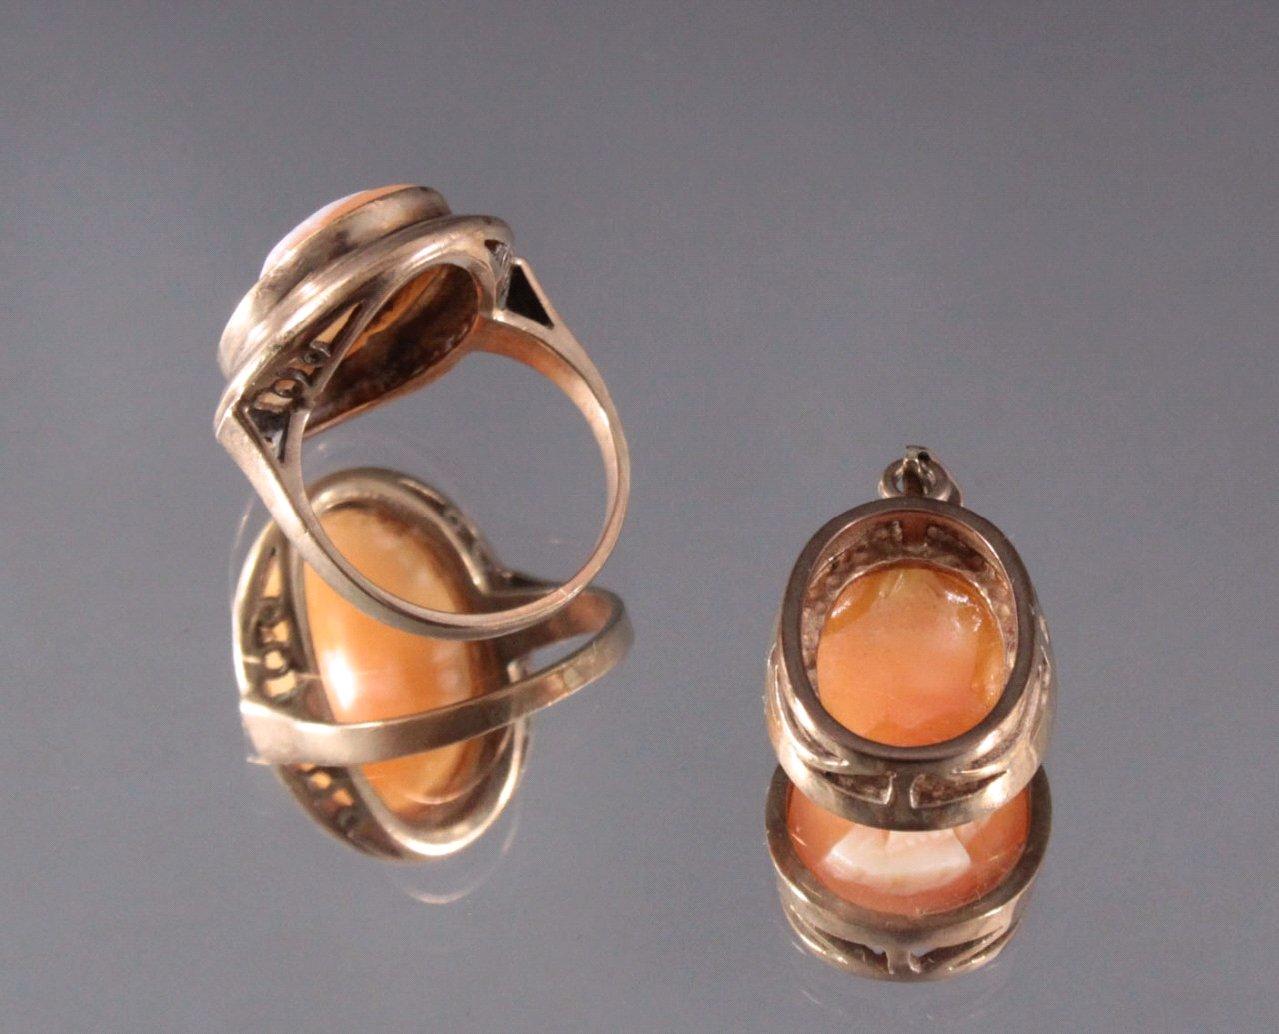 Antiker Ring und Anhänger mit Muschelkamme 8 Karat Gelbgold